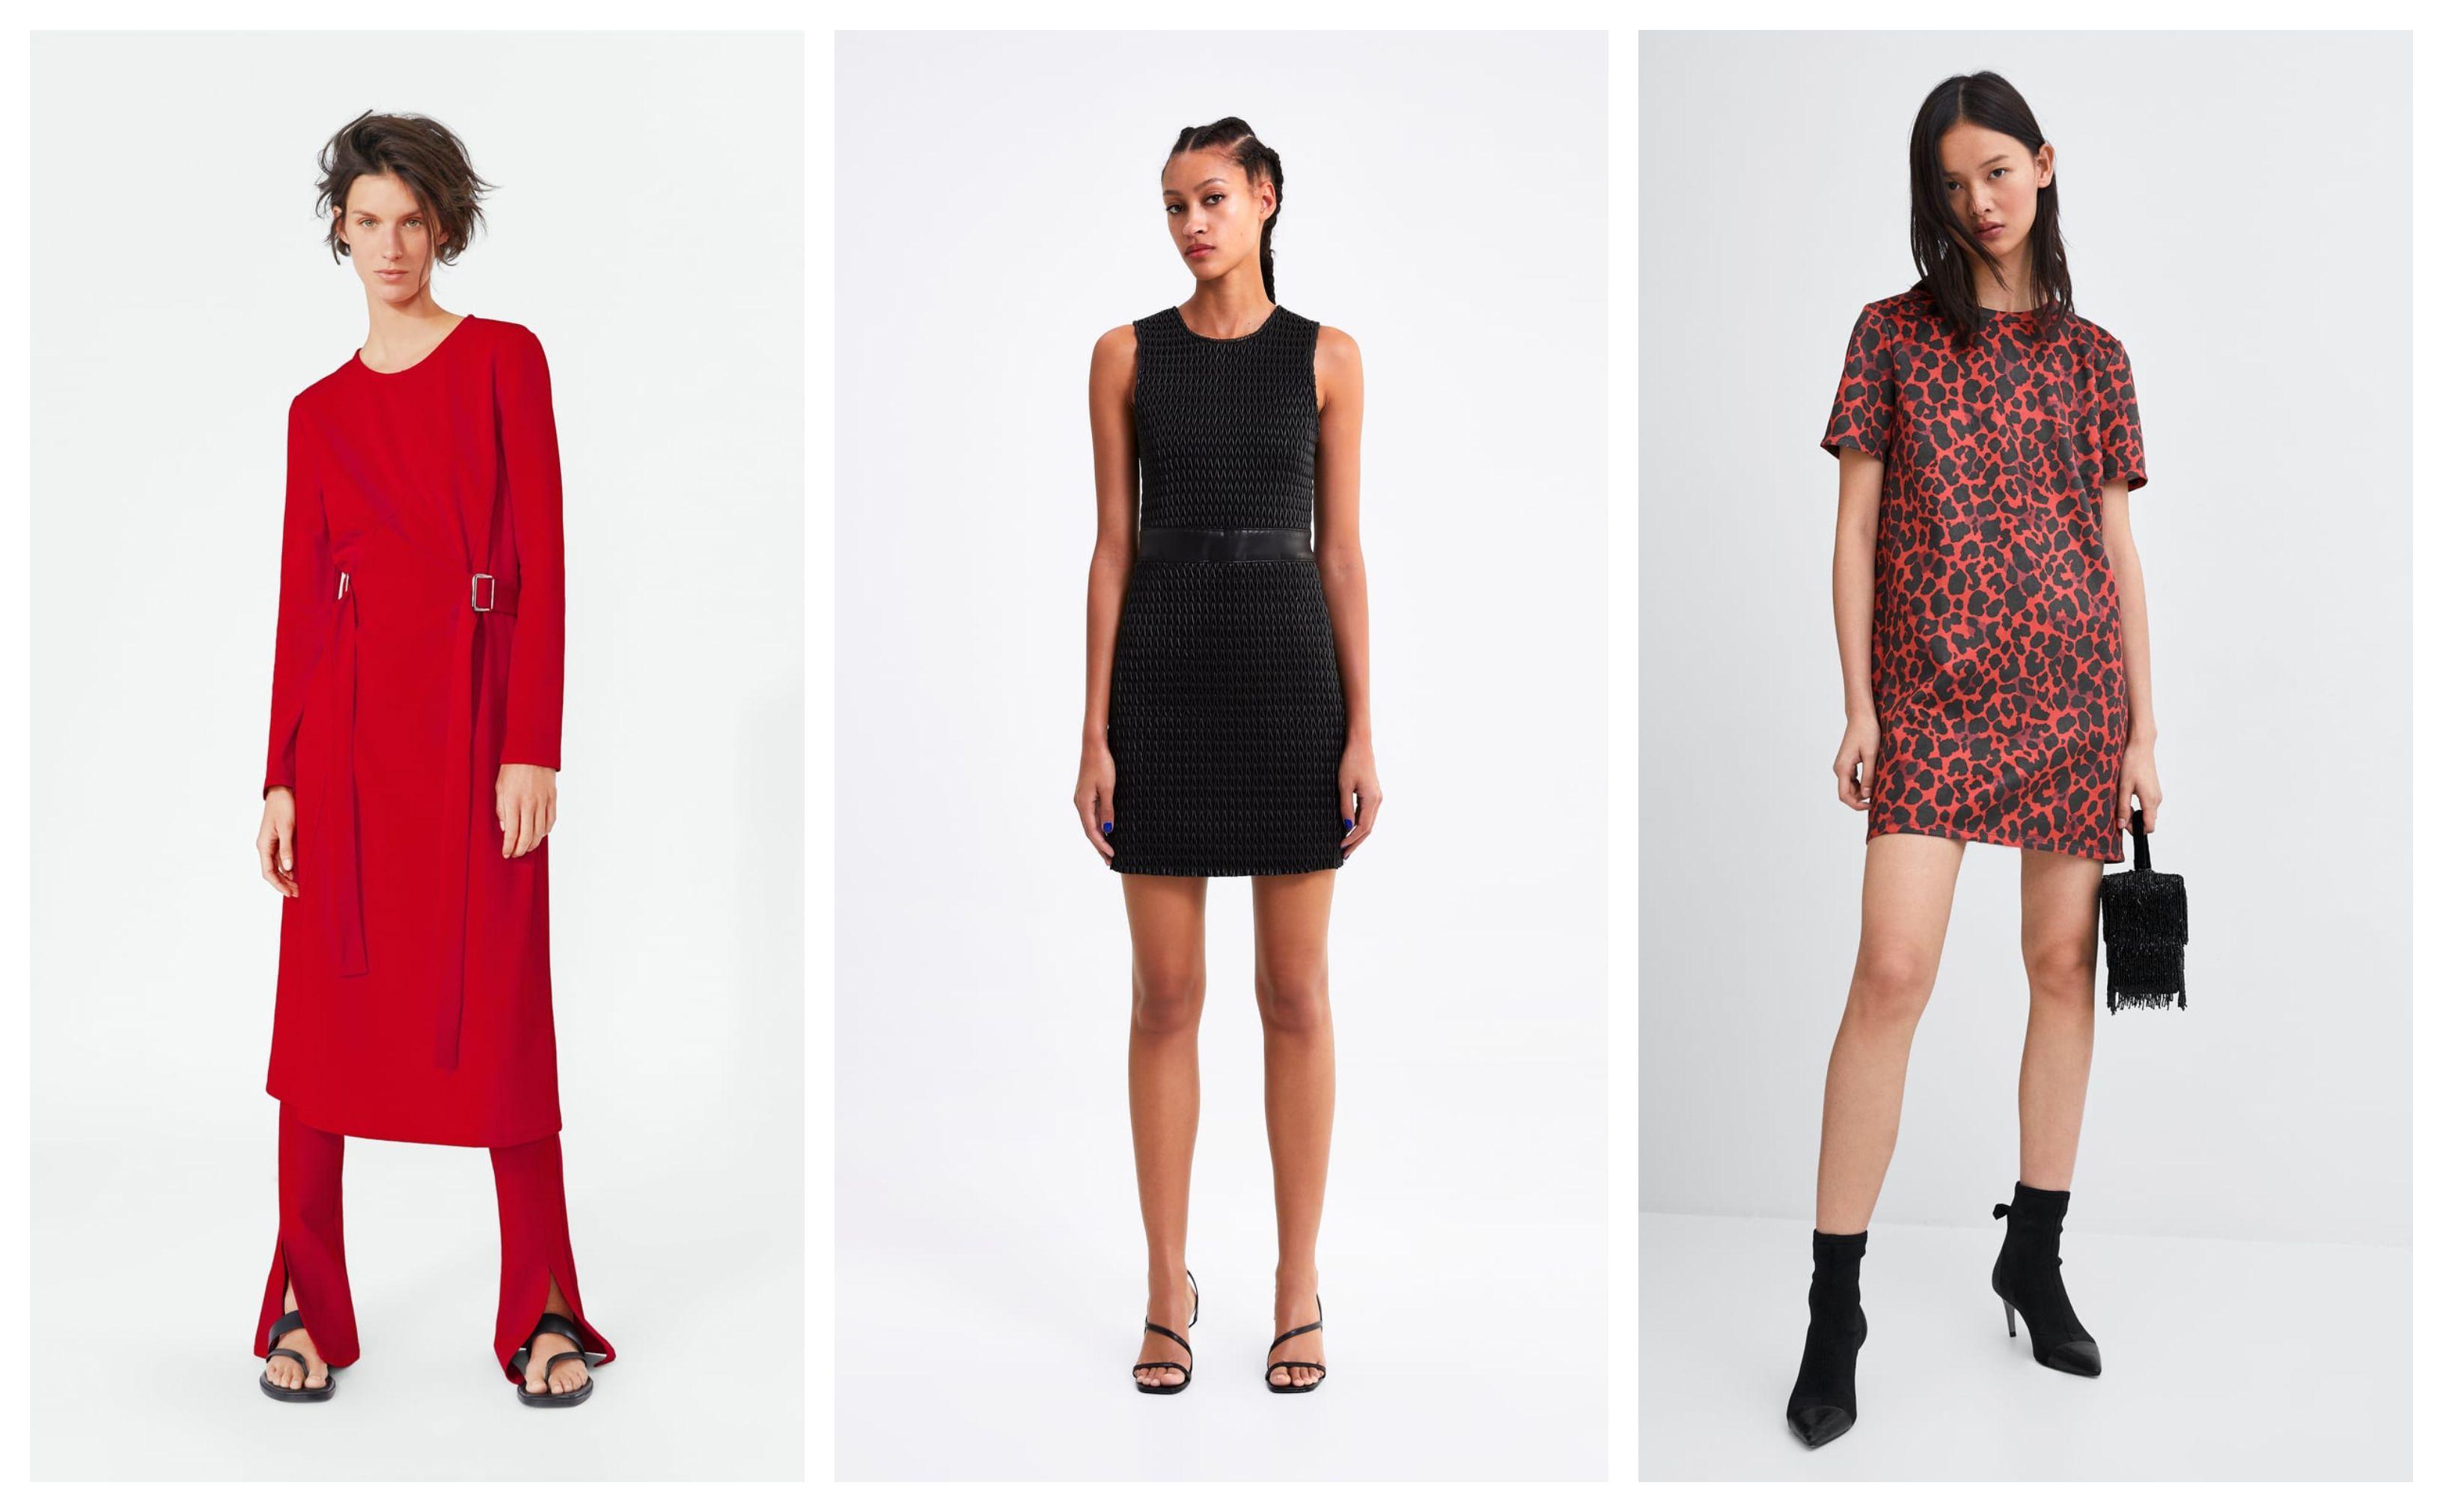 Zara ima veliku rasprodaju haljina, a ove koštaju manje od 100 kuna